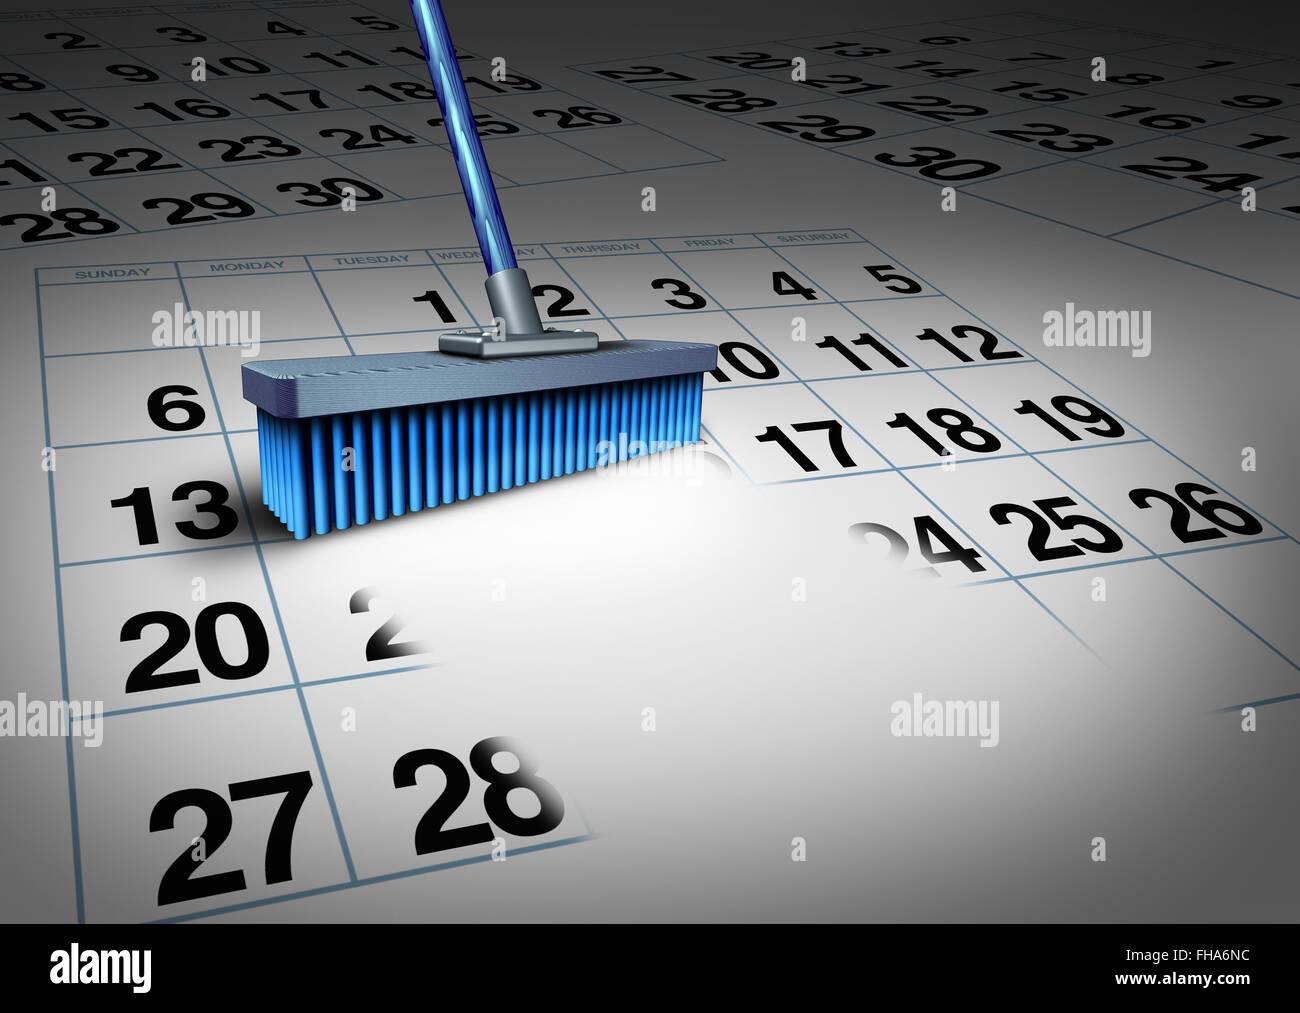 Klar, Ihr Zeitplan Geschäftskonzept und reduzieren Arbeit Woche Symbol wie ein Besen, löschen einen Kalender Stockbild